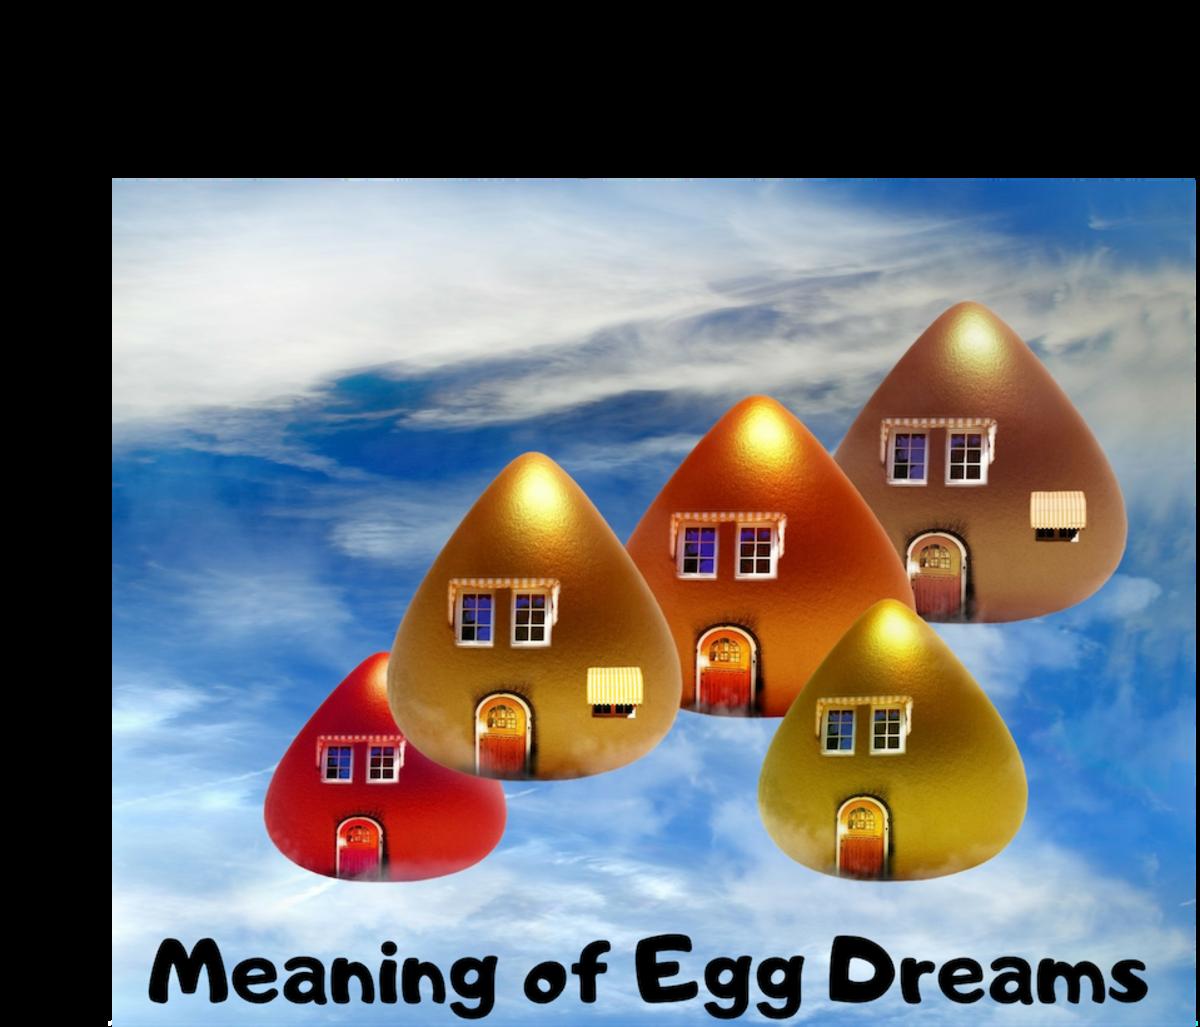 how-to-interpret-eggs-as-dream-symbols